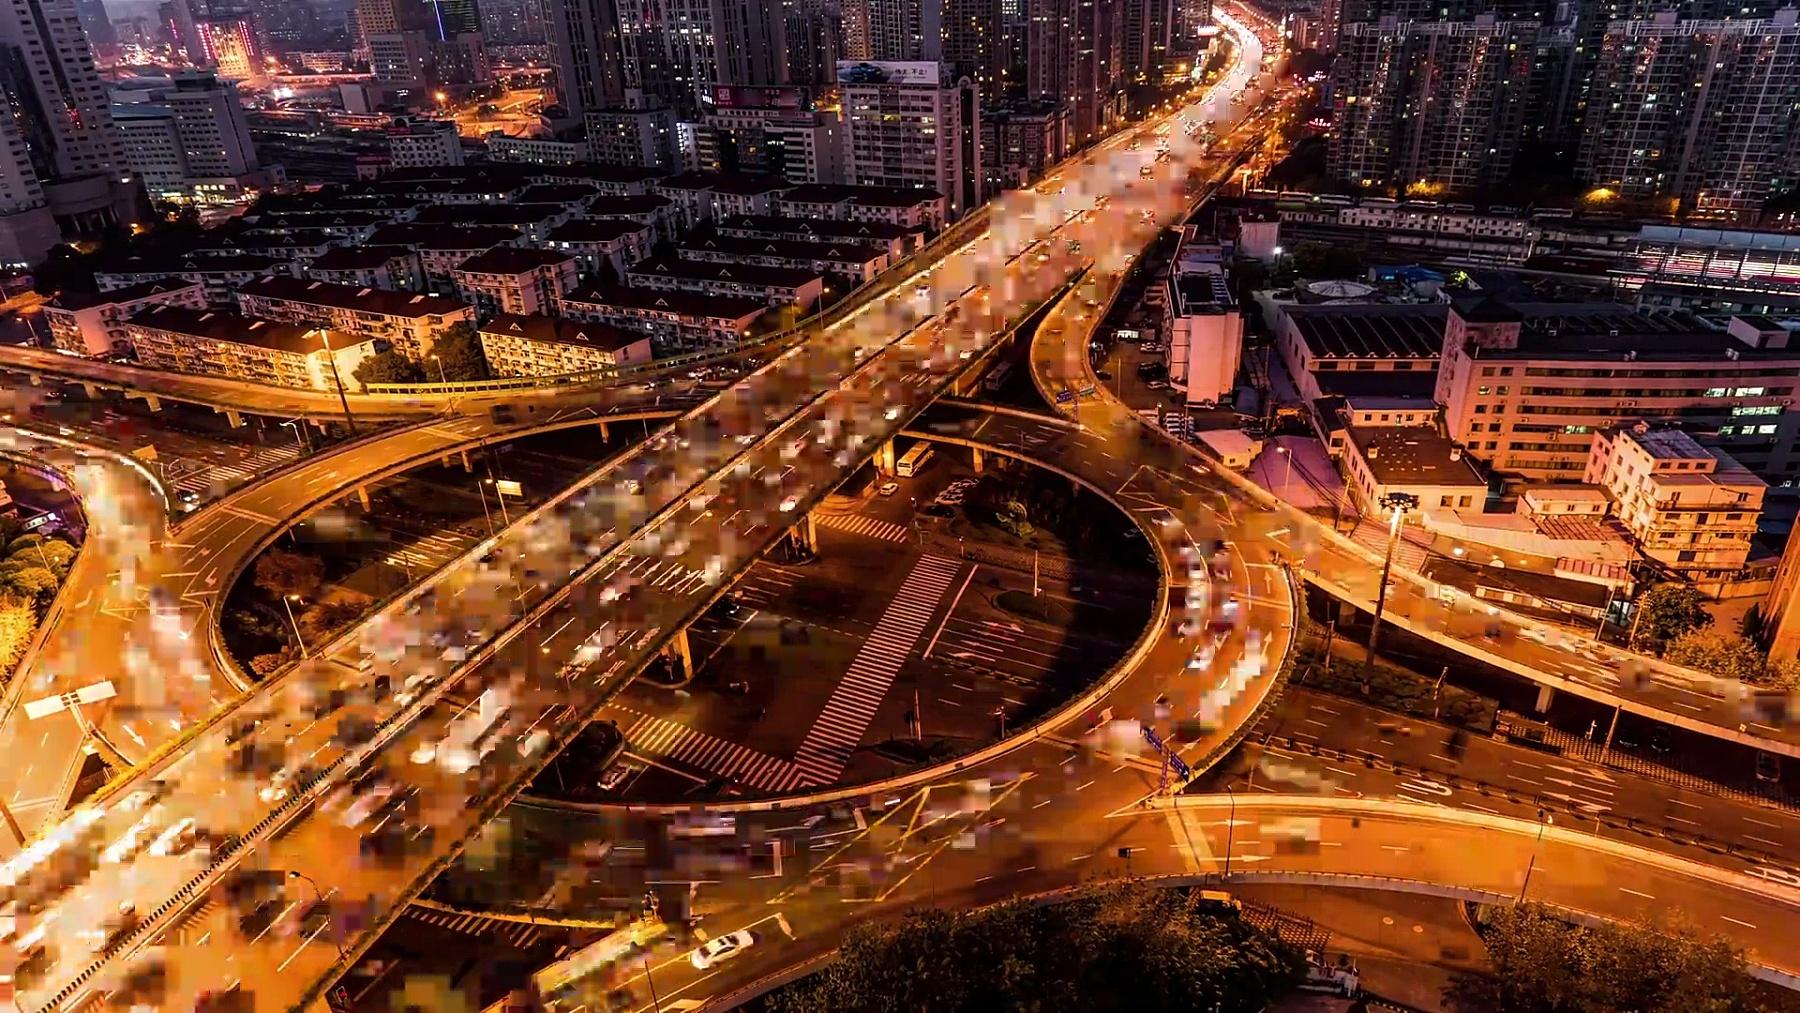 中国上海高速公路和交通的鸟瞰和延时摄影